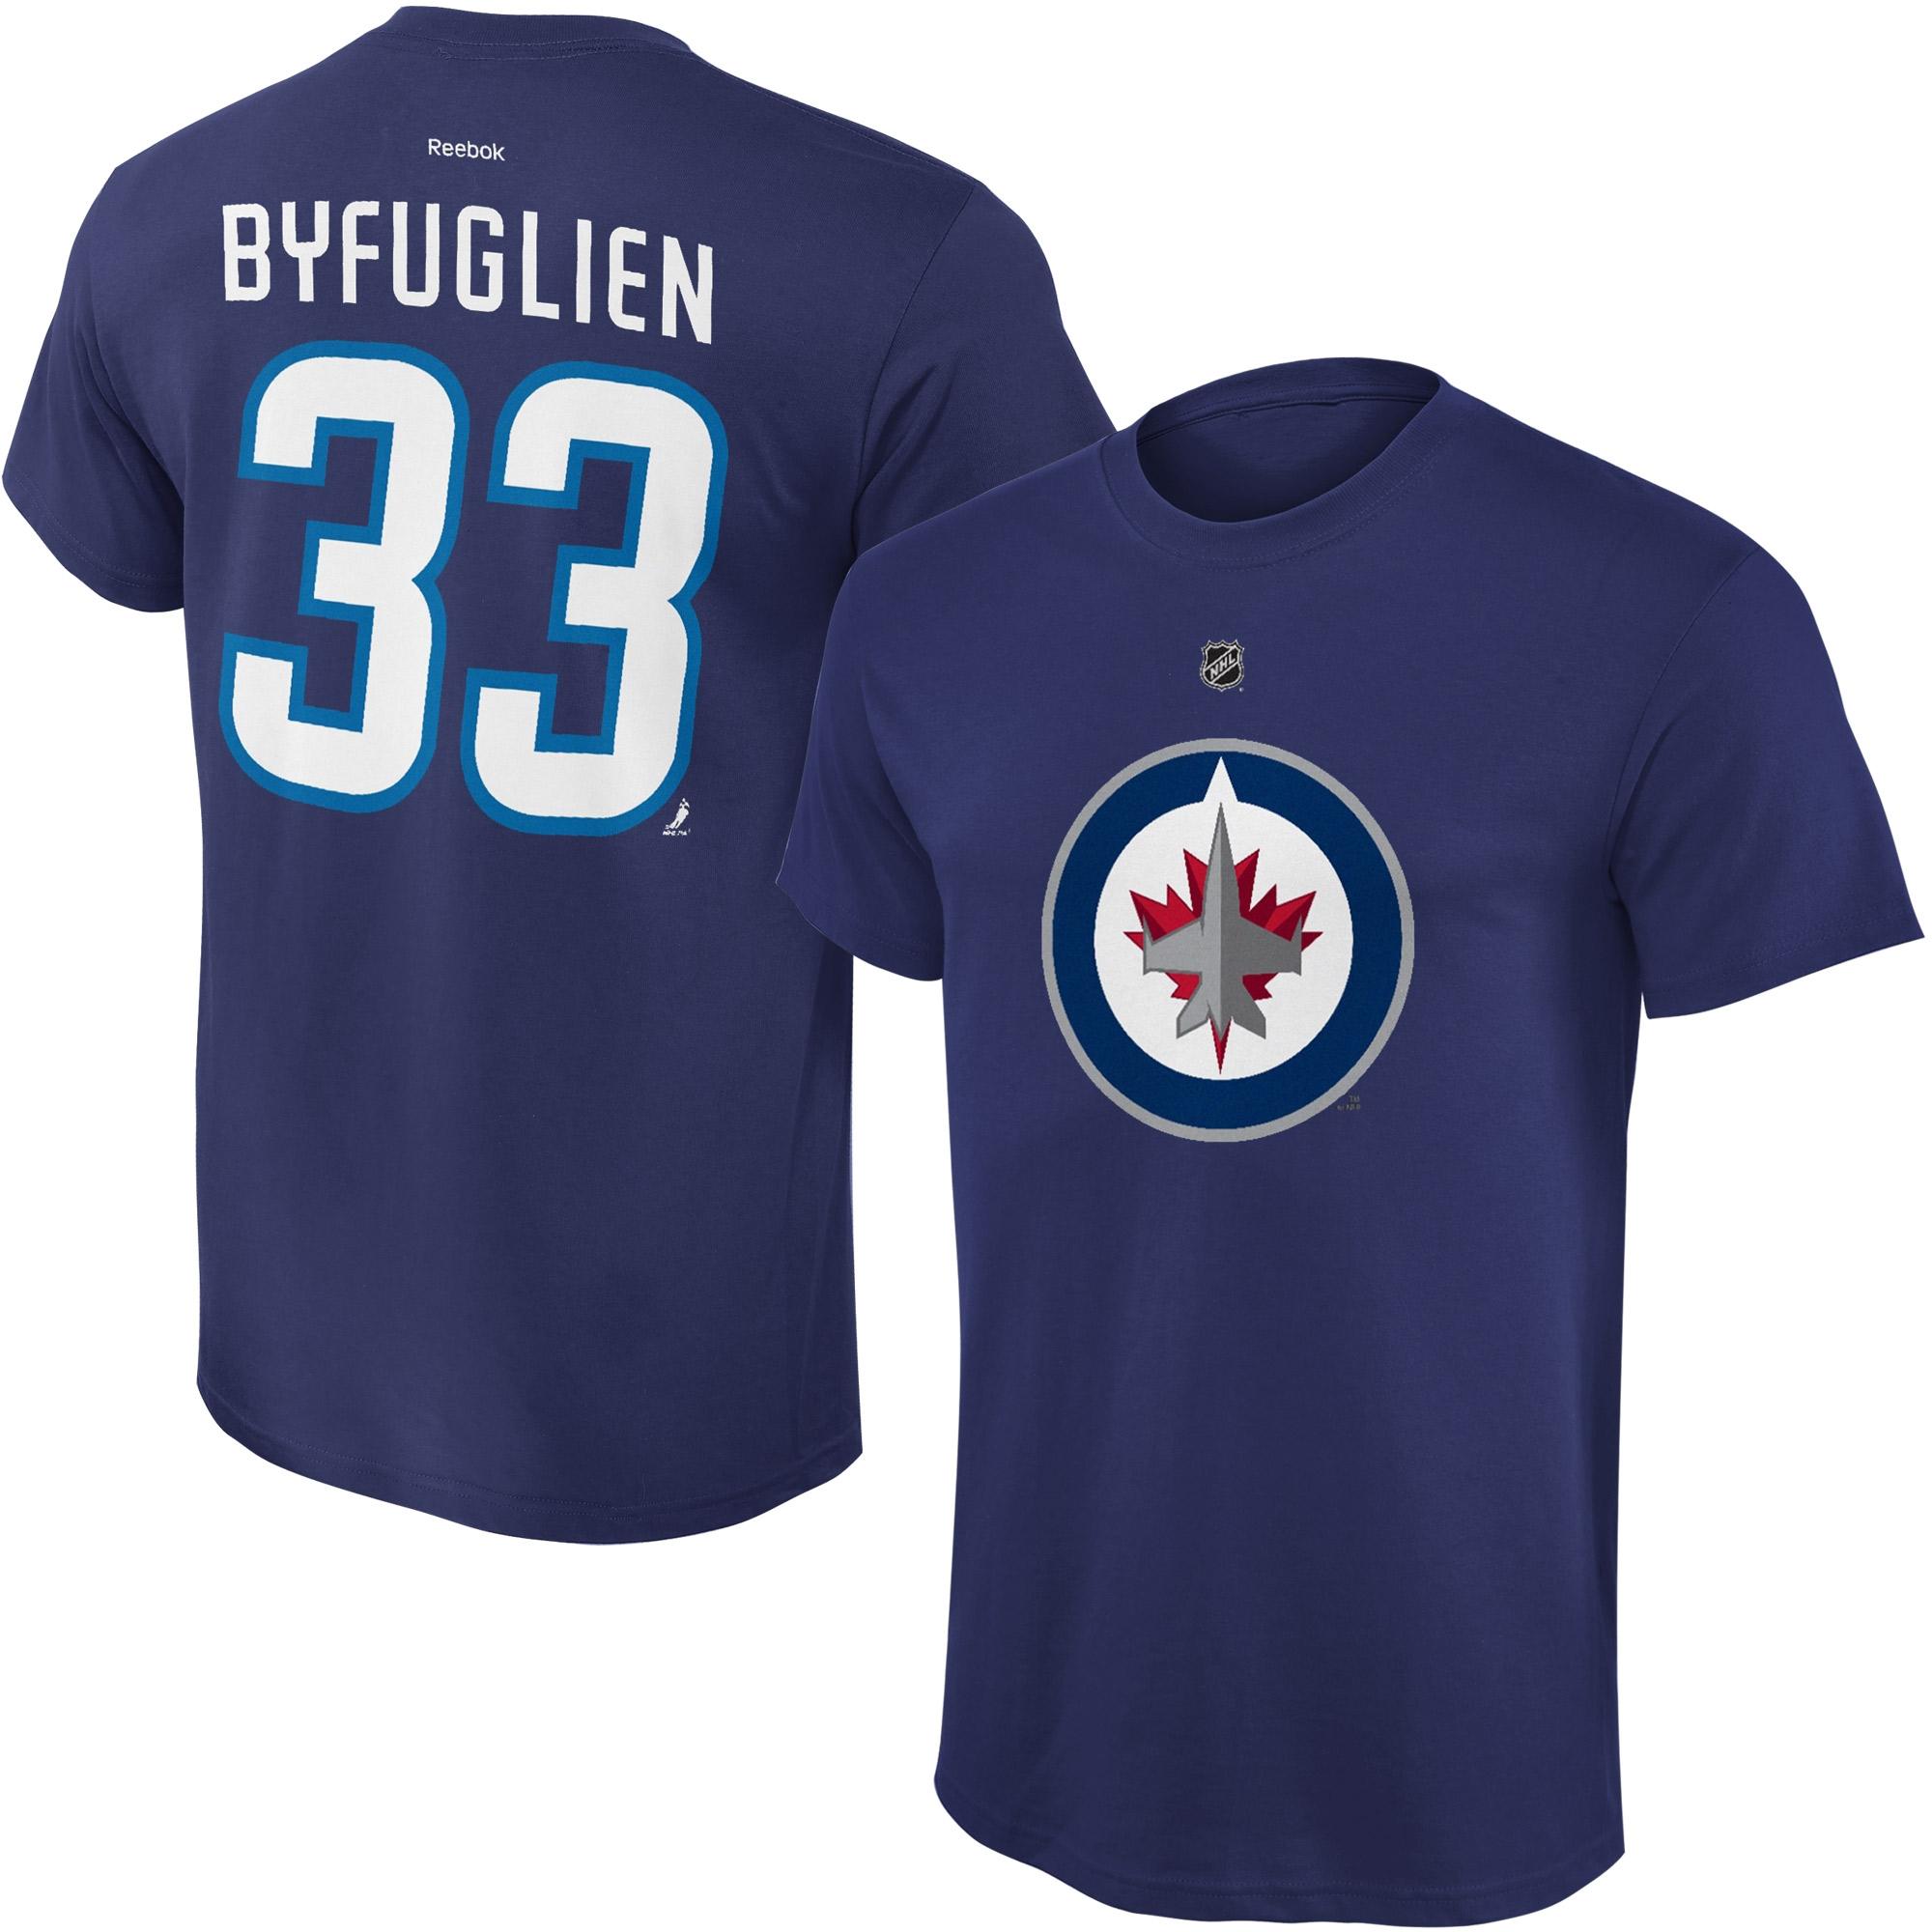 Reebok Dětské tričko Dustin Byfuglien Winnipeg Jets NHL Name & Number Velikost: Dětské S (6 - 8 let)